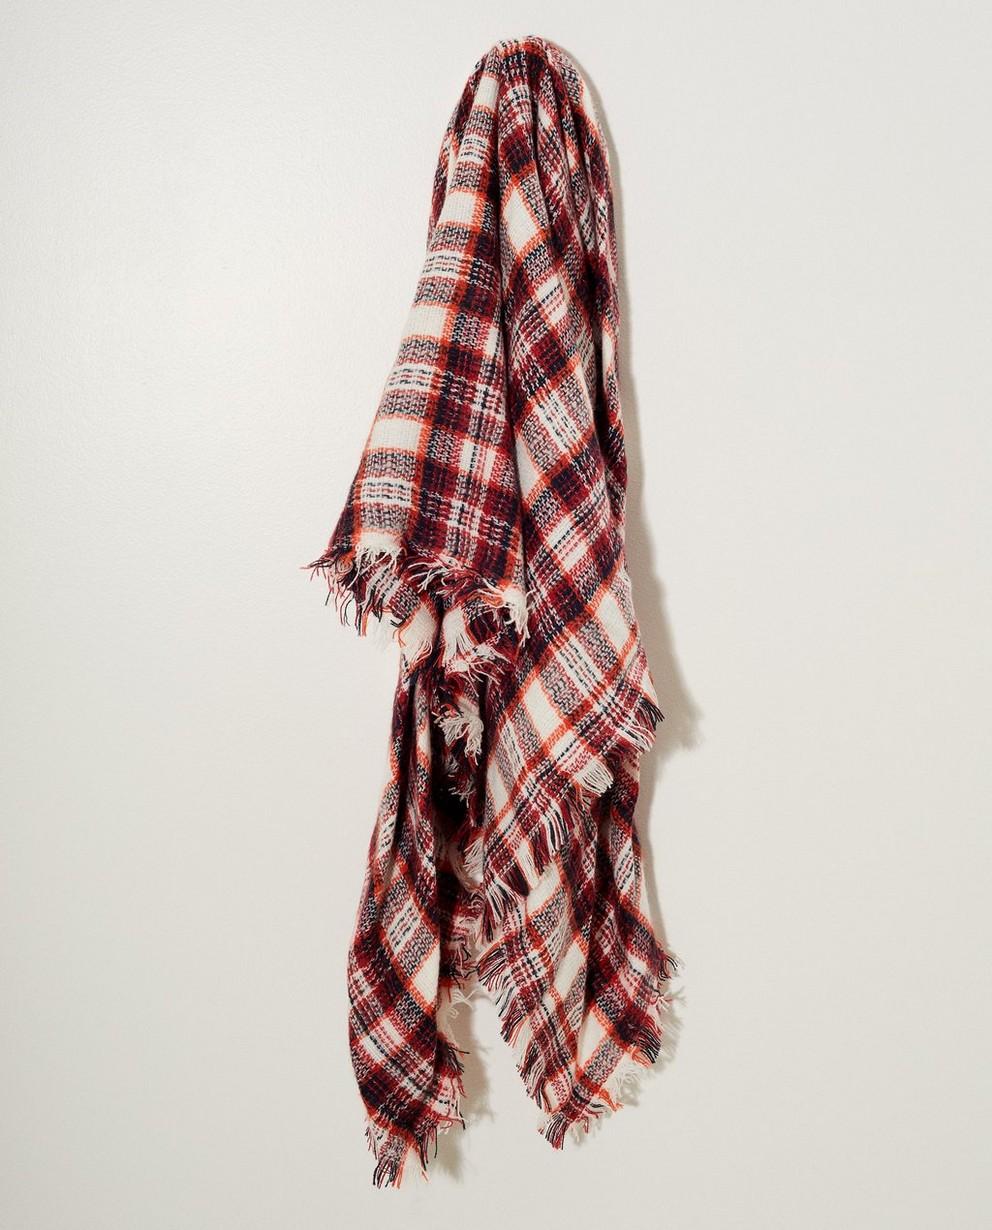 Weißer Schal mit rotem Karomuster - Durchgehend - JBC